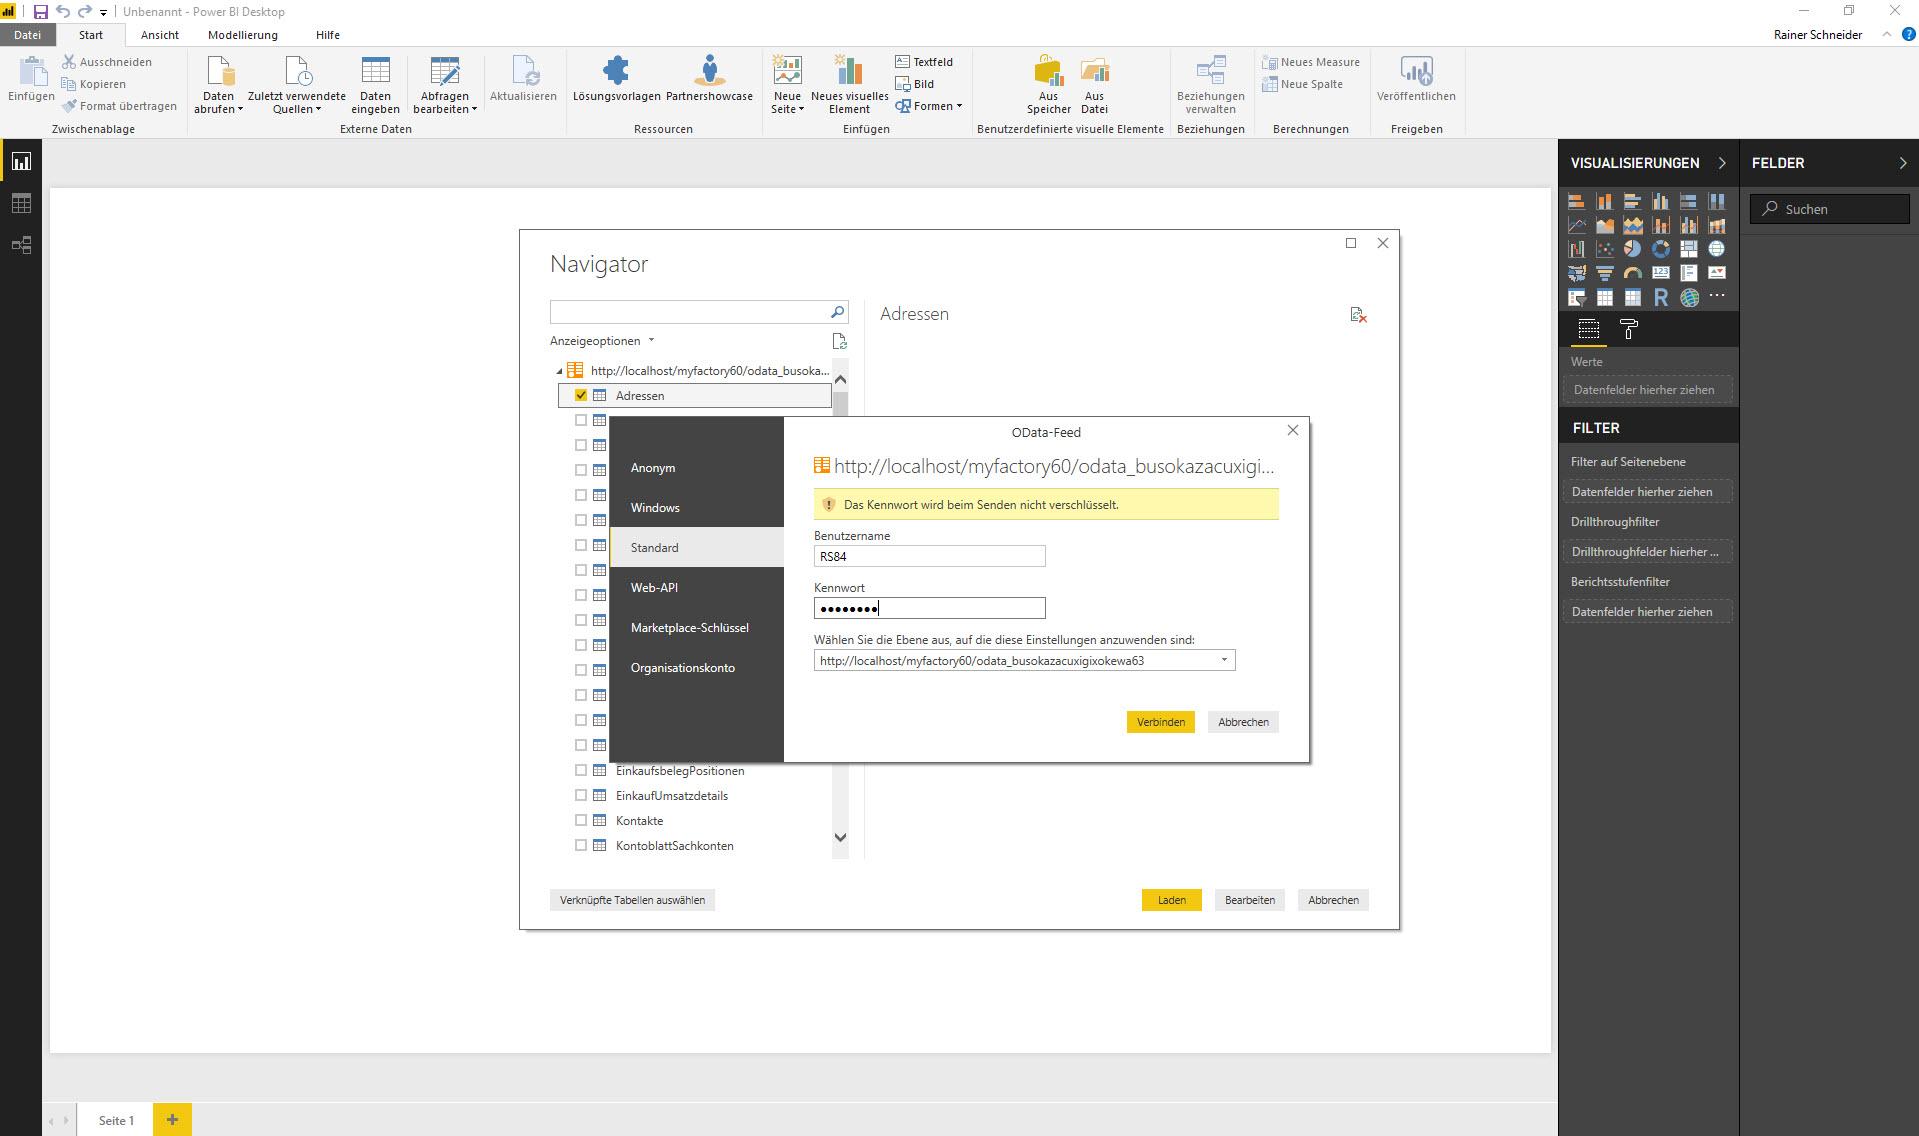 myfactory als Datenquelle: Die REST API für die Microsoft PowerBI-Auswertung nutzen 5